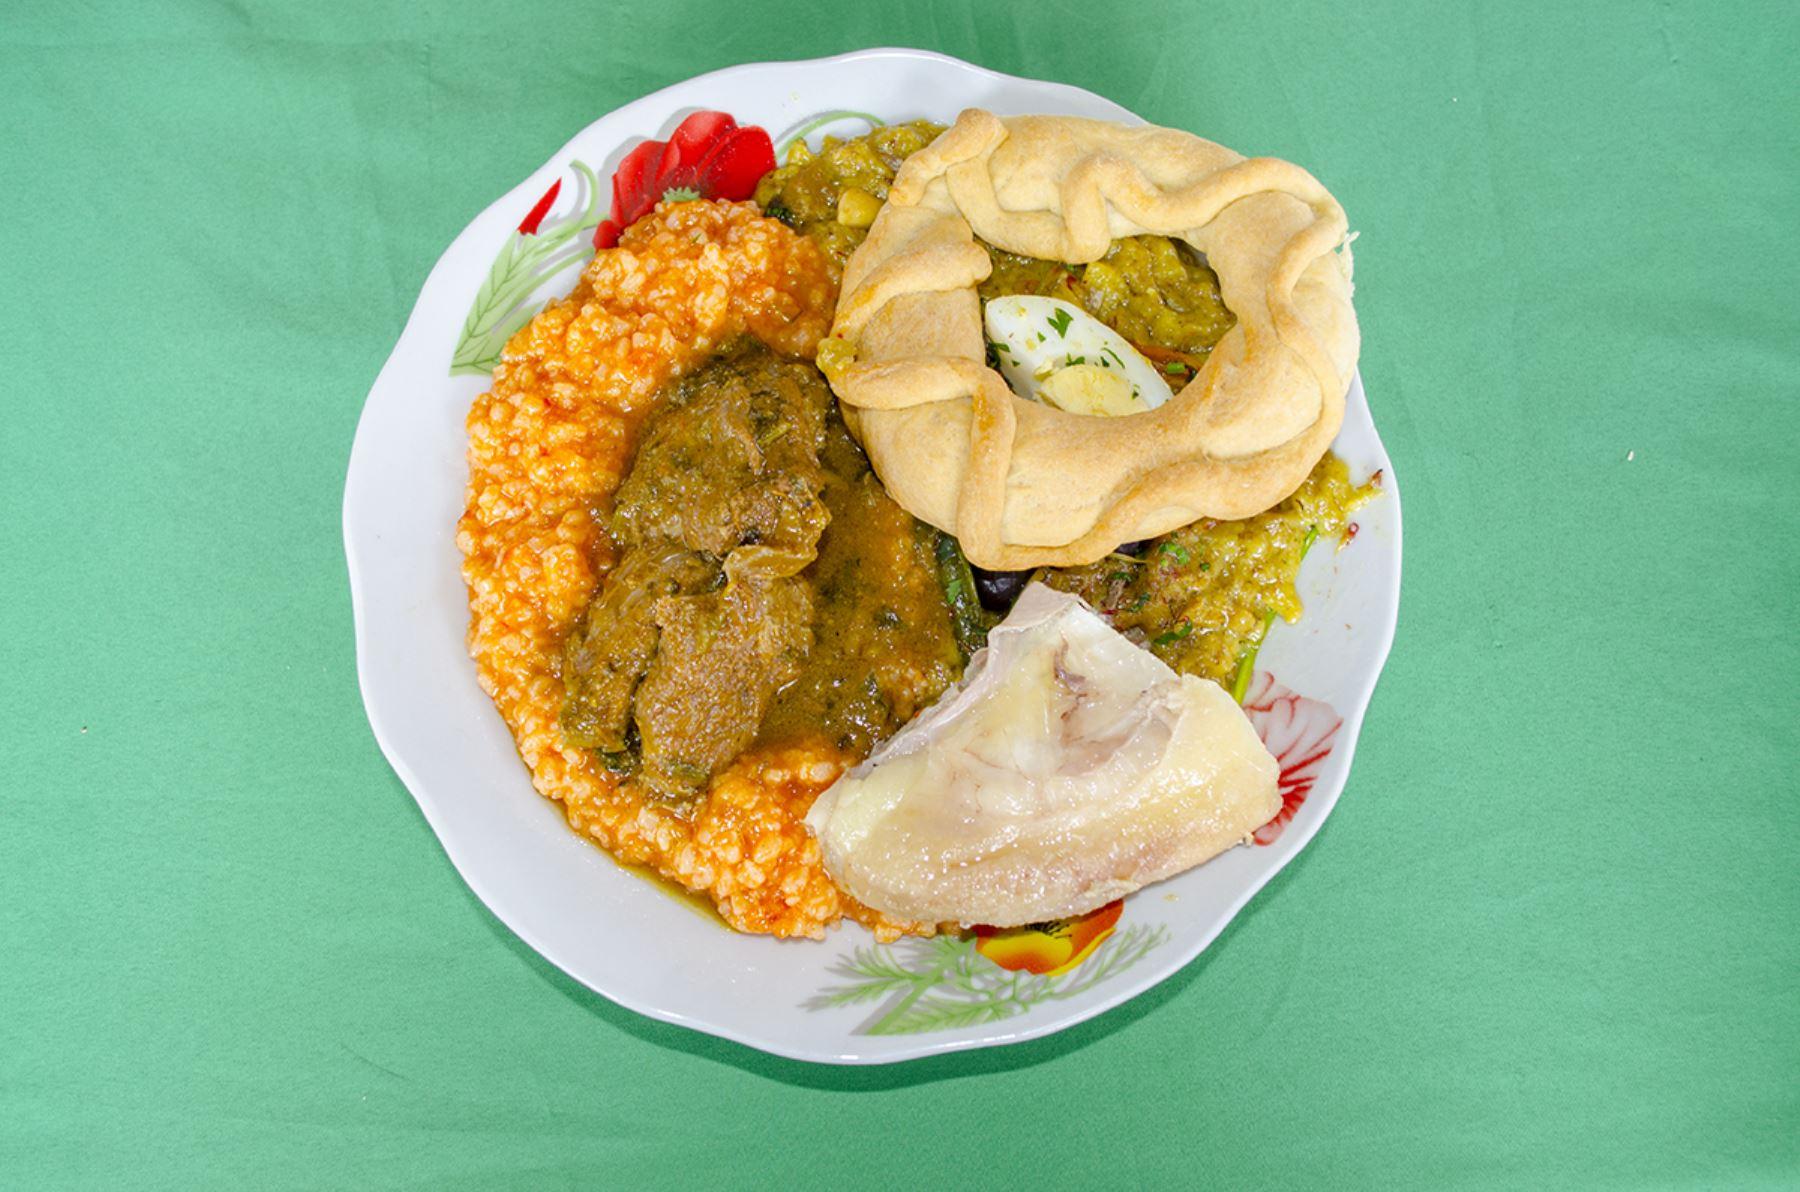 Se organiza el Festival de la Sopa Teóloga en Moche, Trujillo, uno de los platos emblemáticos de la zona. ANDINA